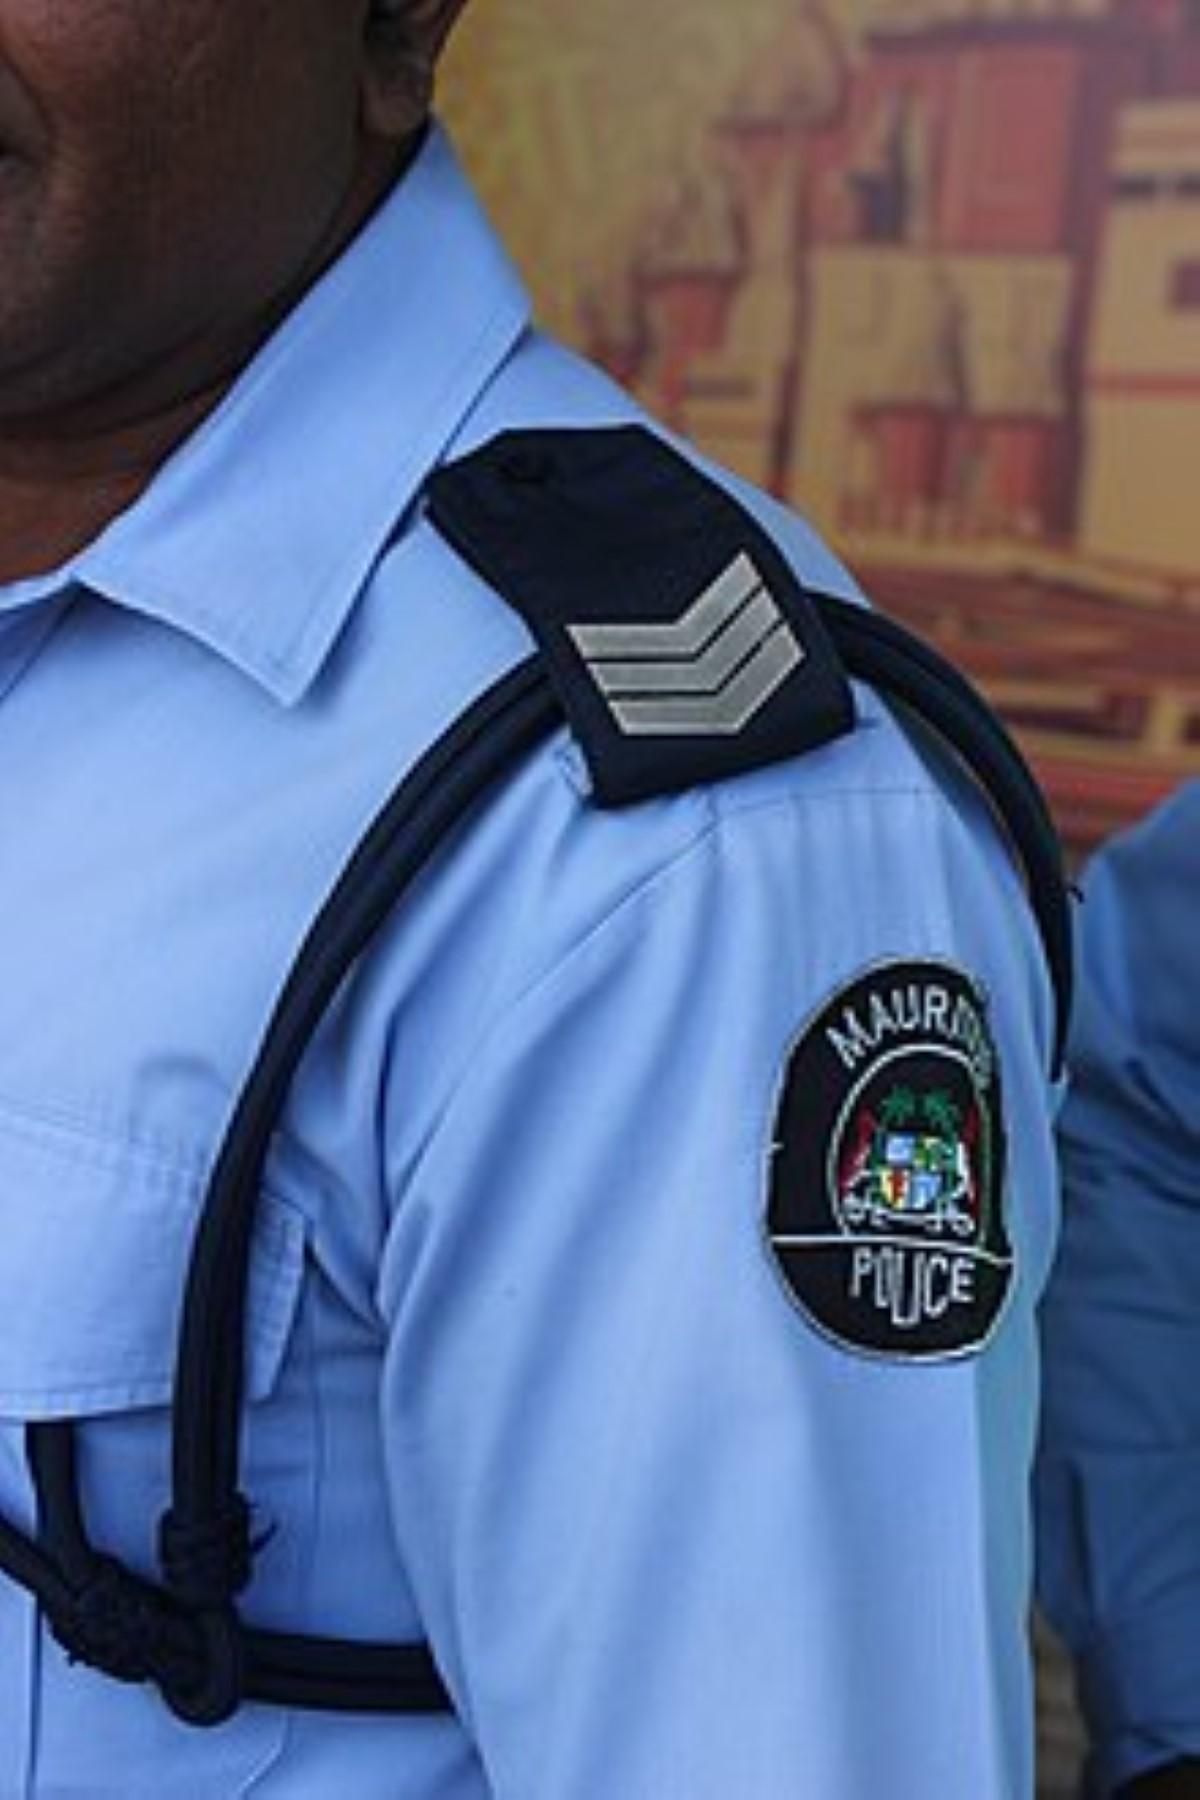 Disparition inquiétante d'un inspecteur de police affecté au poste de police de Goodlands